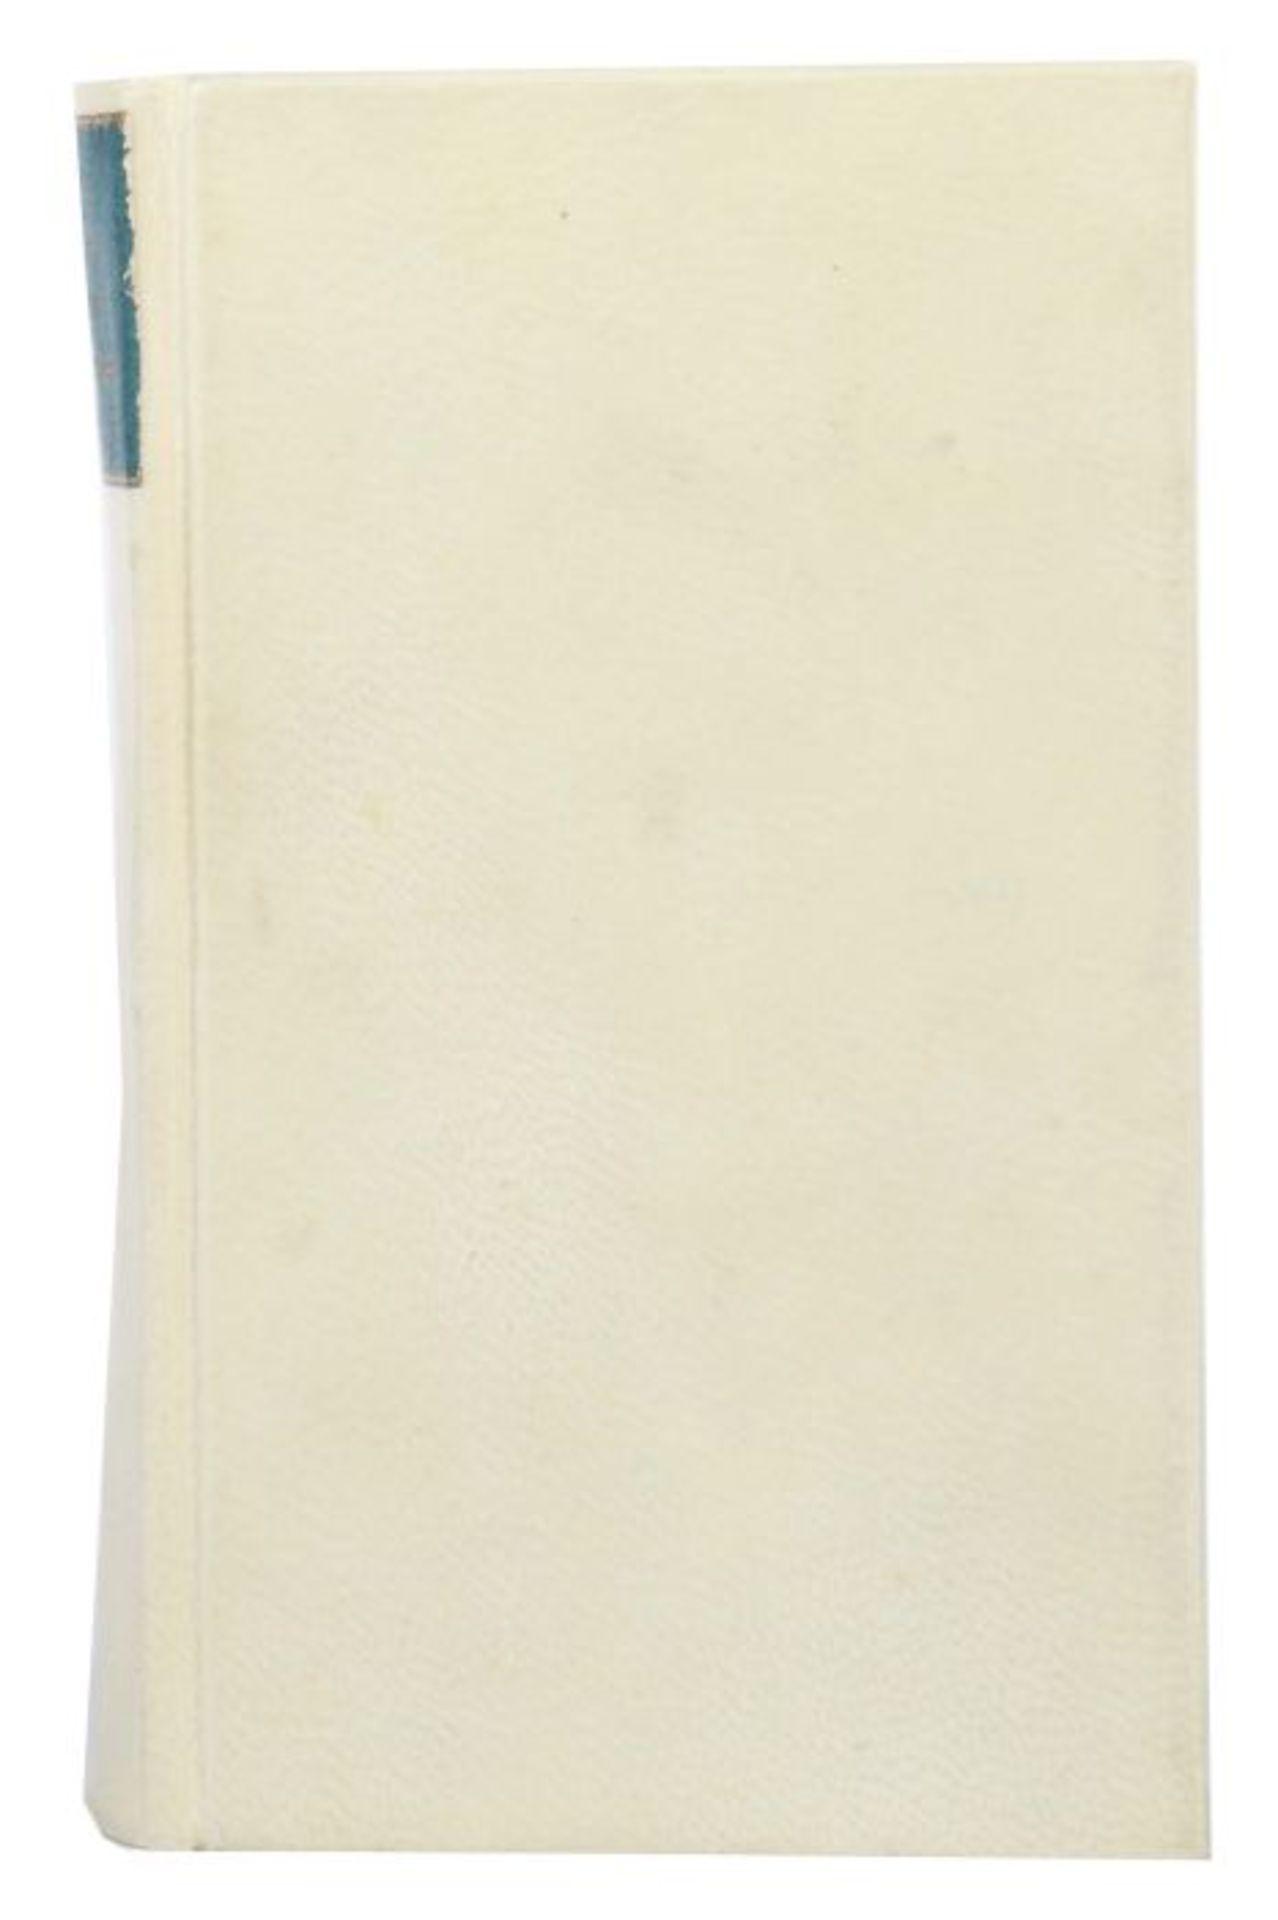 Wecker, Joh(ann) Jac(ob) De secretis libro XVII. Ex variis Auctoribus collecti, methodice - Bild 2 aus 5